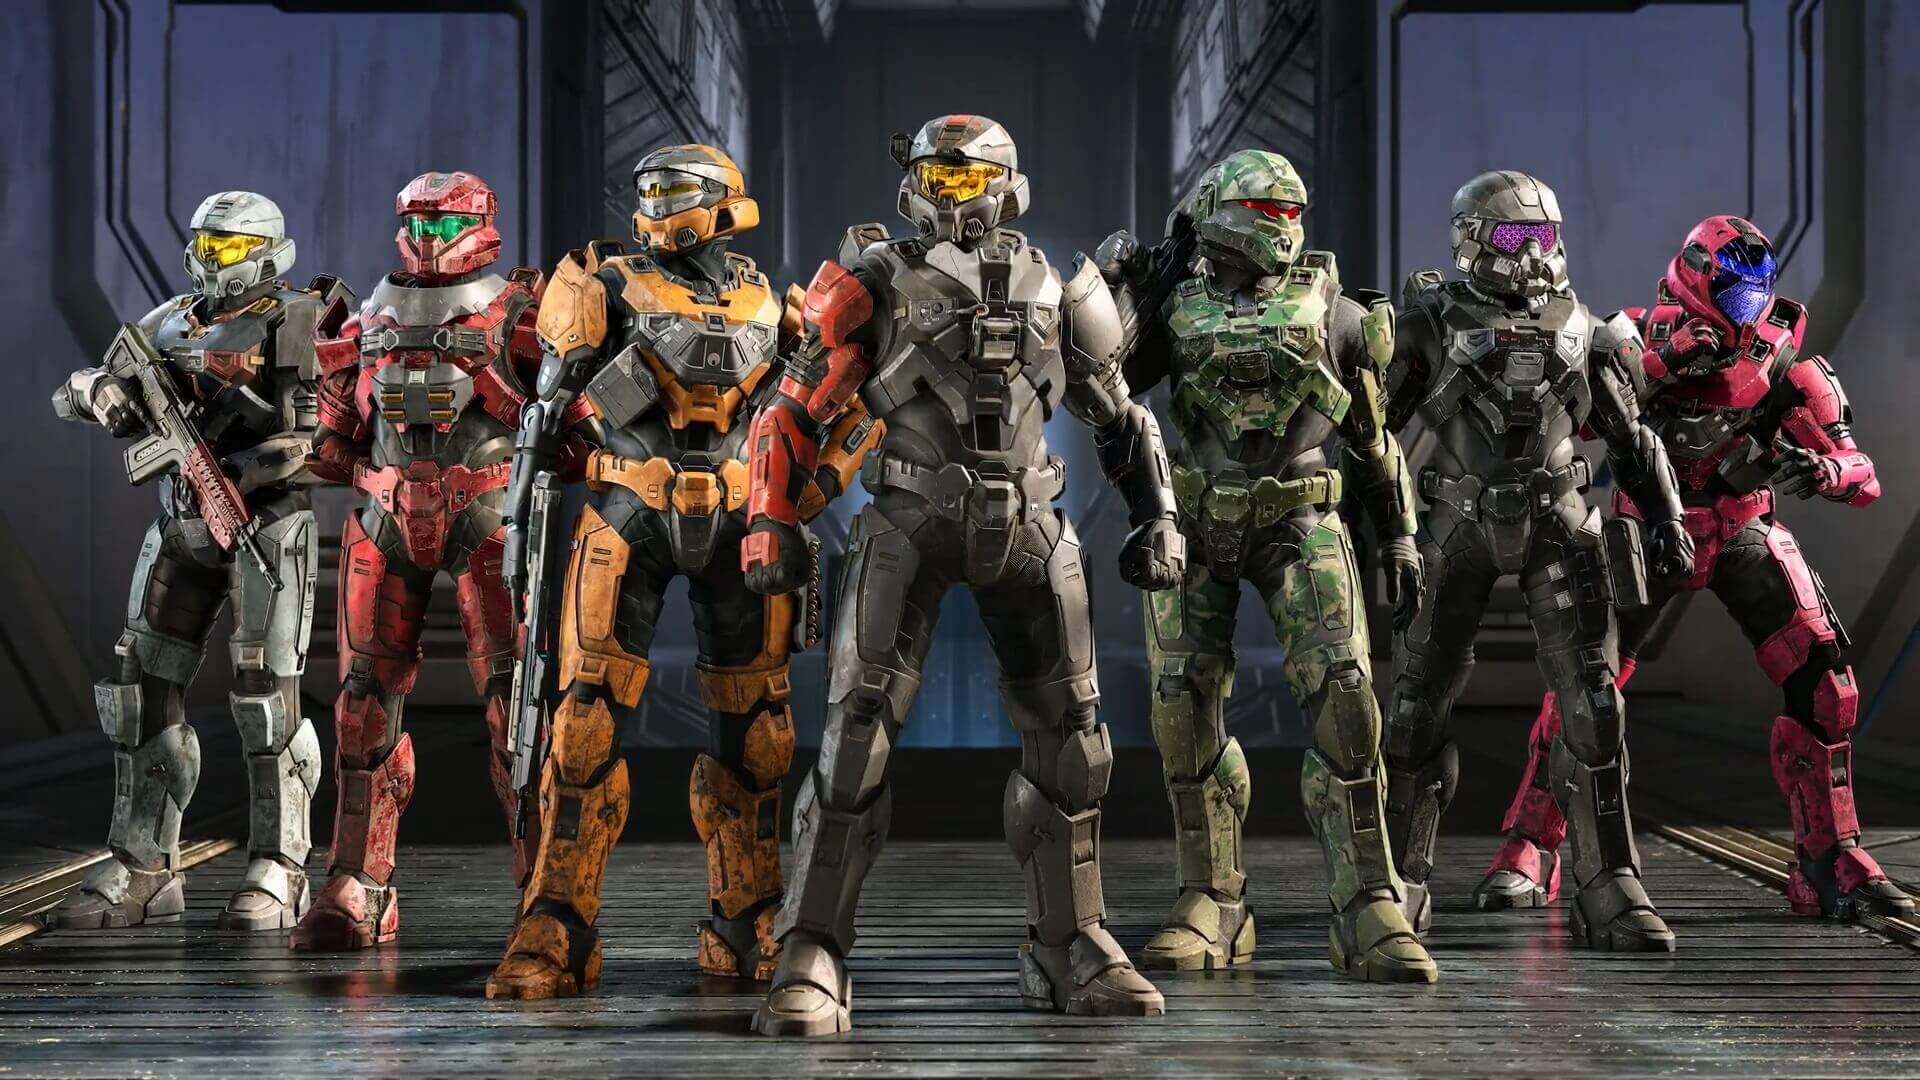 modo Forja de Halo Infinite